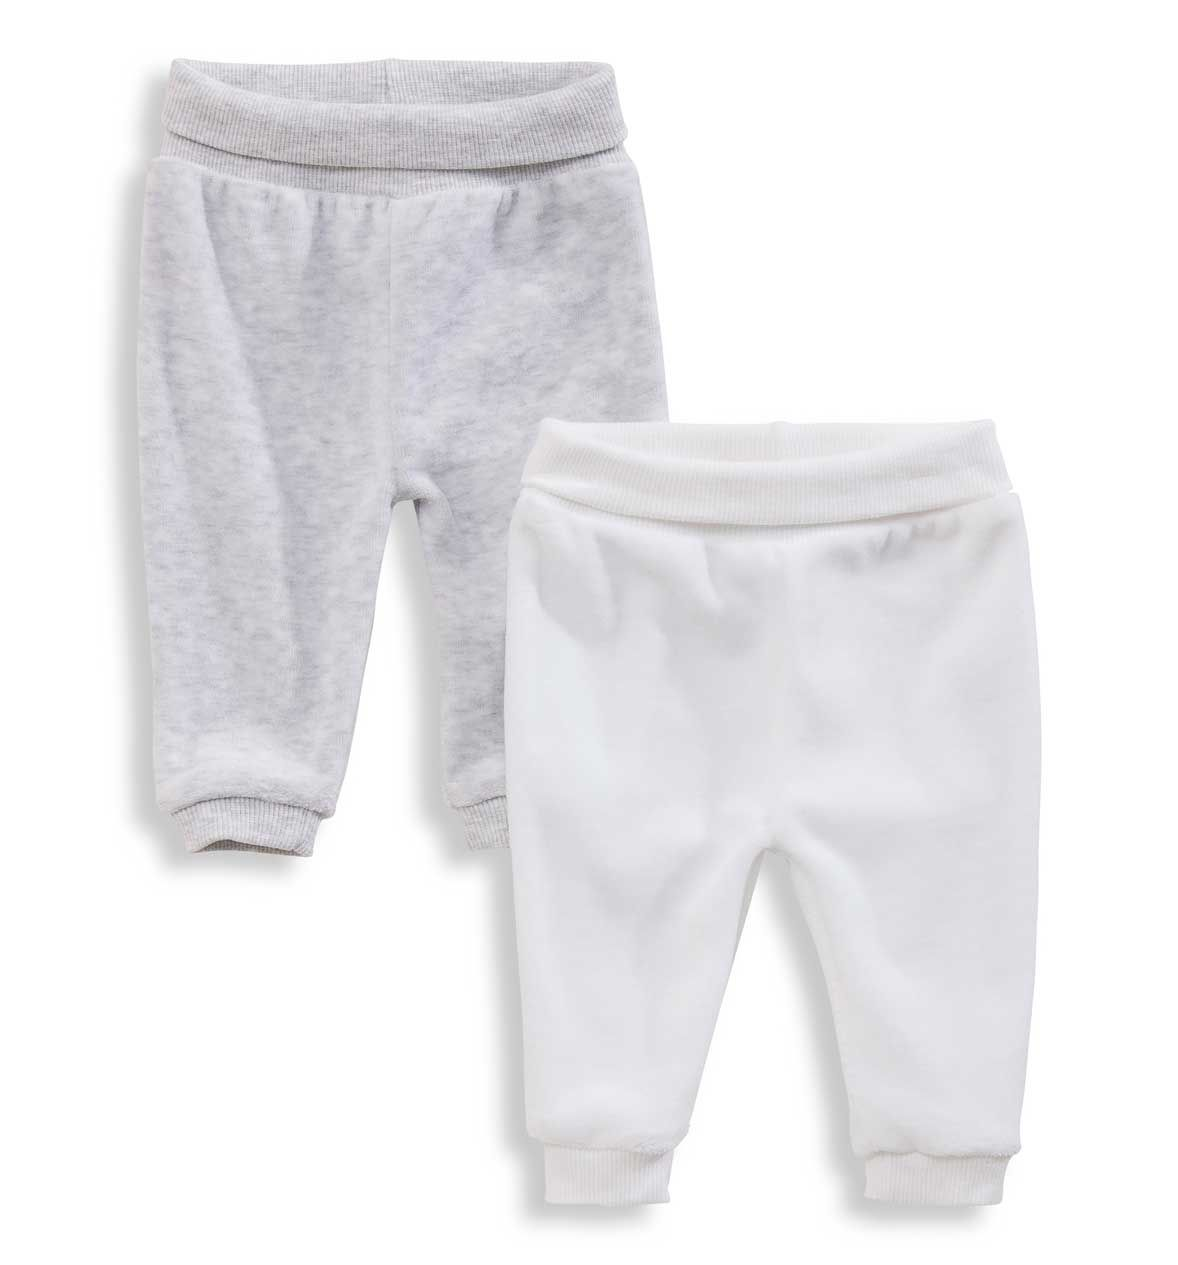 Kleine K/önige Pumphose Baby M/ädchen Hose /· Modell Blacky Pink /· /Ökotex 100 Zertifiziert /· Gr/ö/ßen 50-104